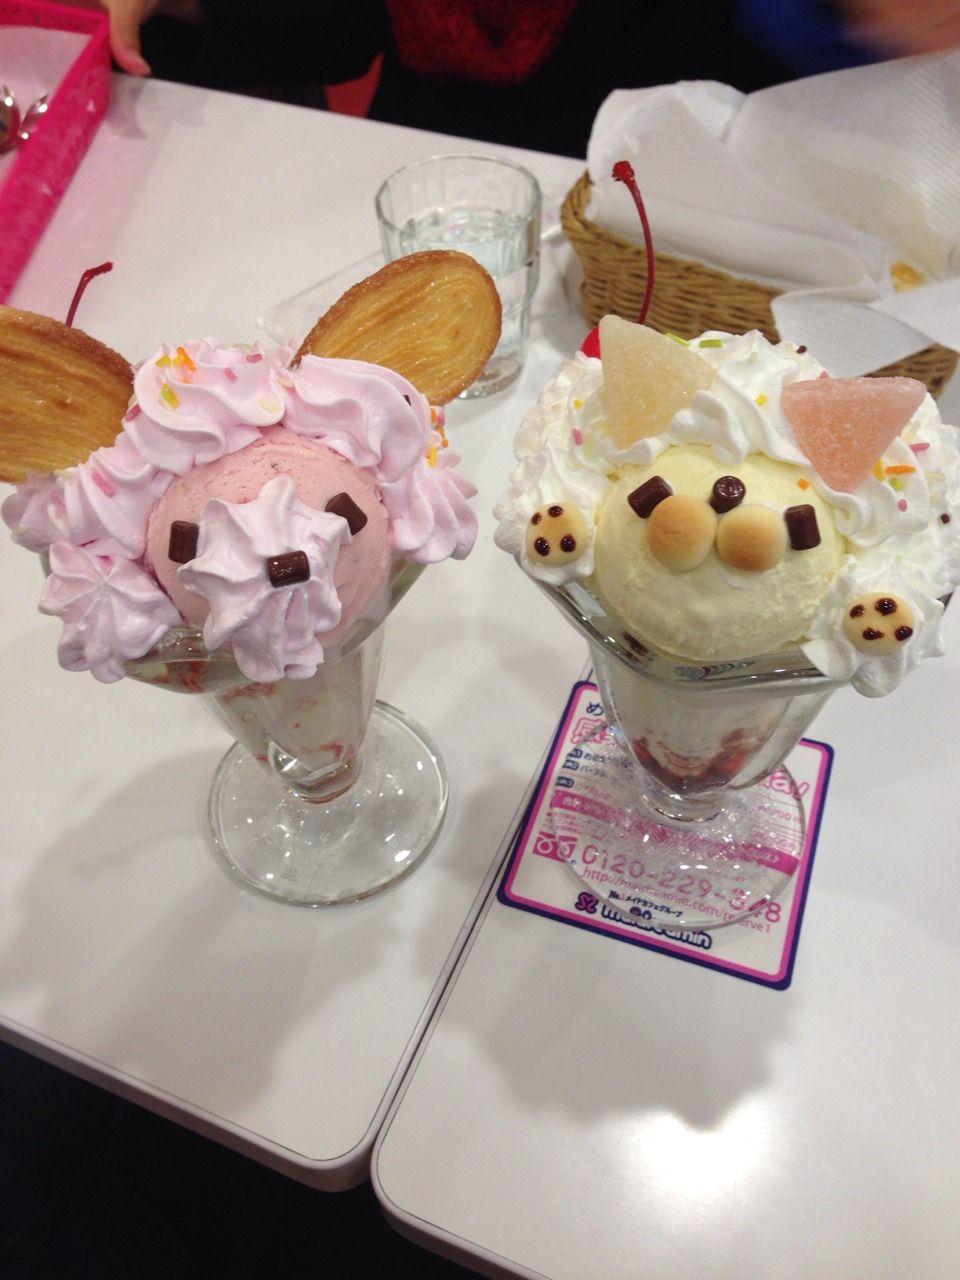 Kawaii shop kawaii dessert food cute desserts